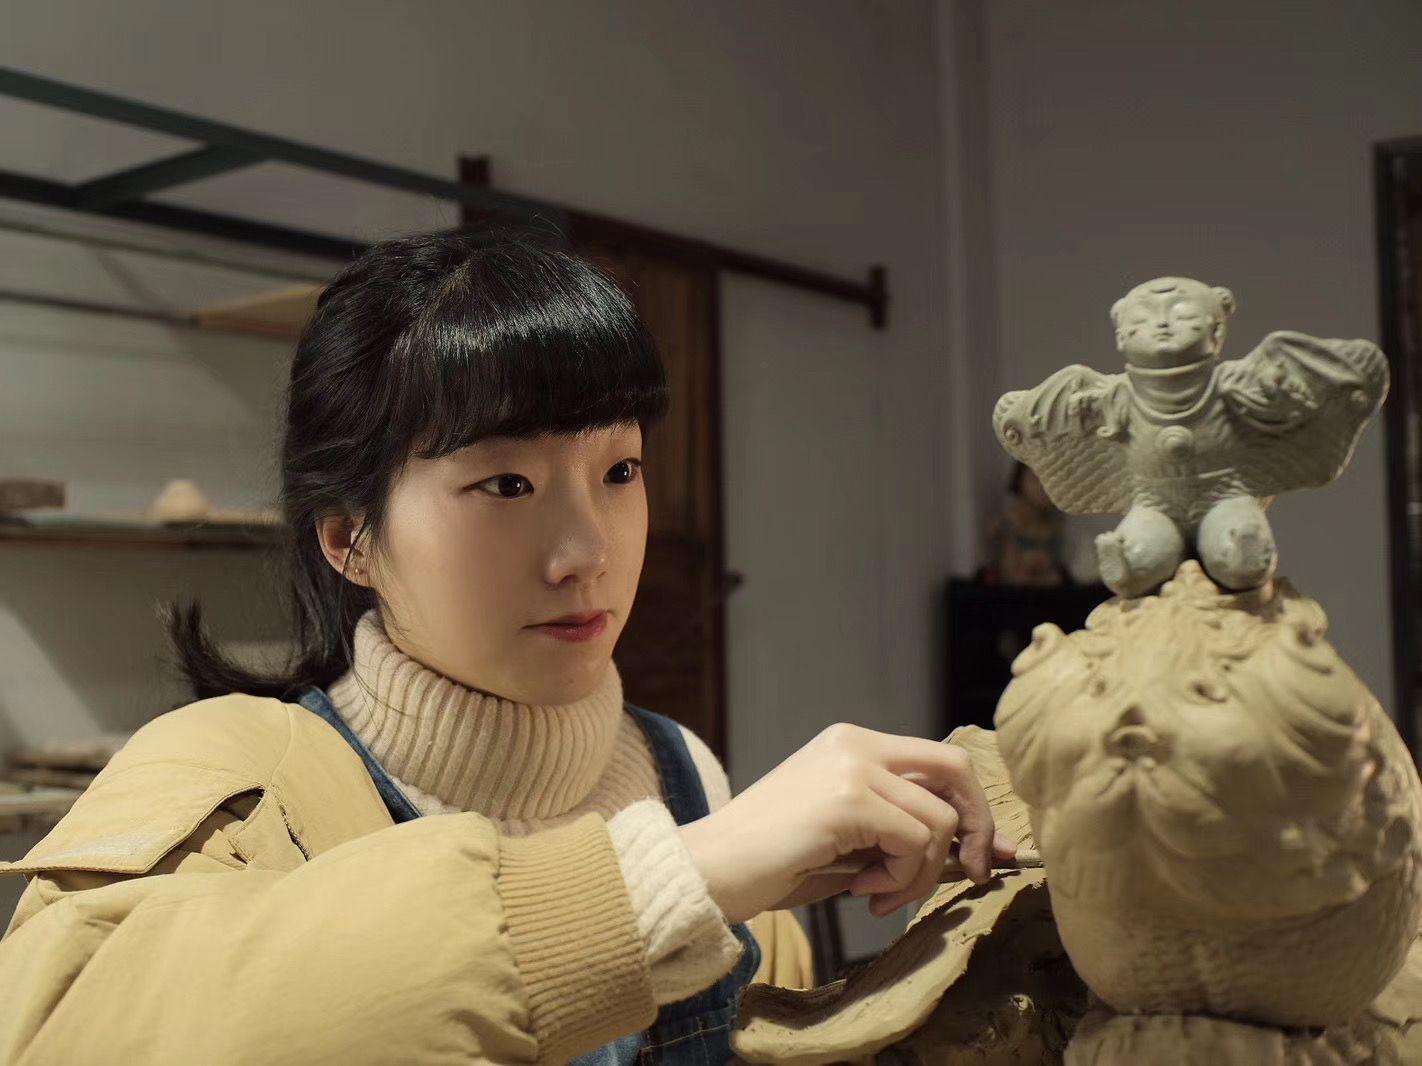 王小丹手持竹刀正在泥塑,摄于2019年12月。 供访者受图。